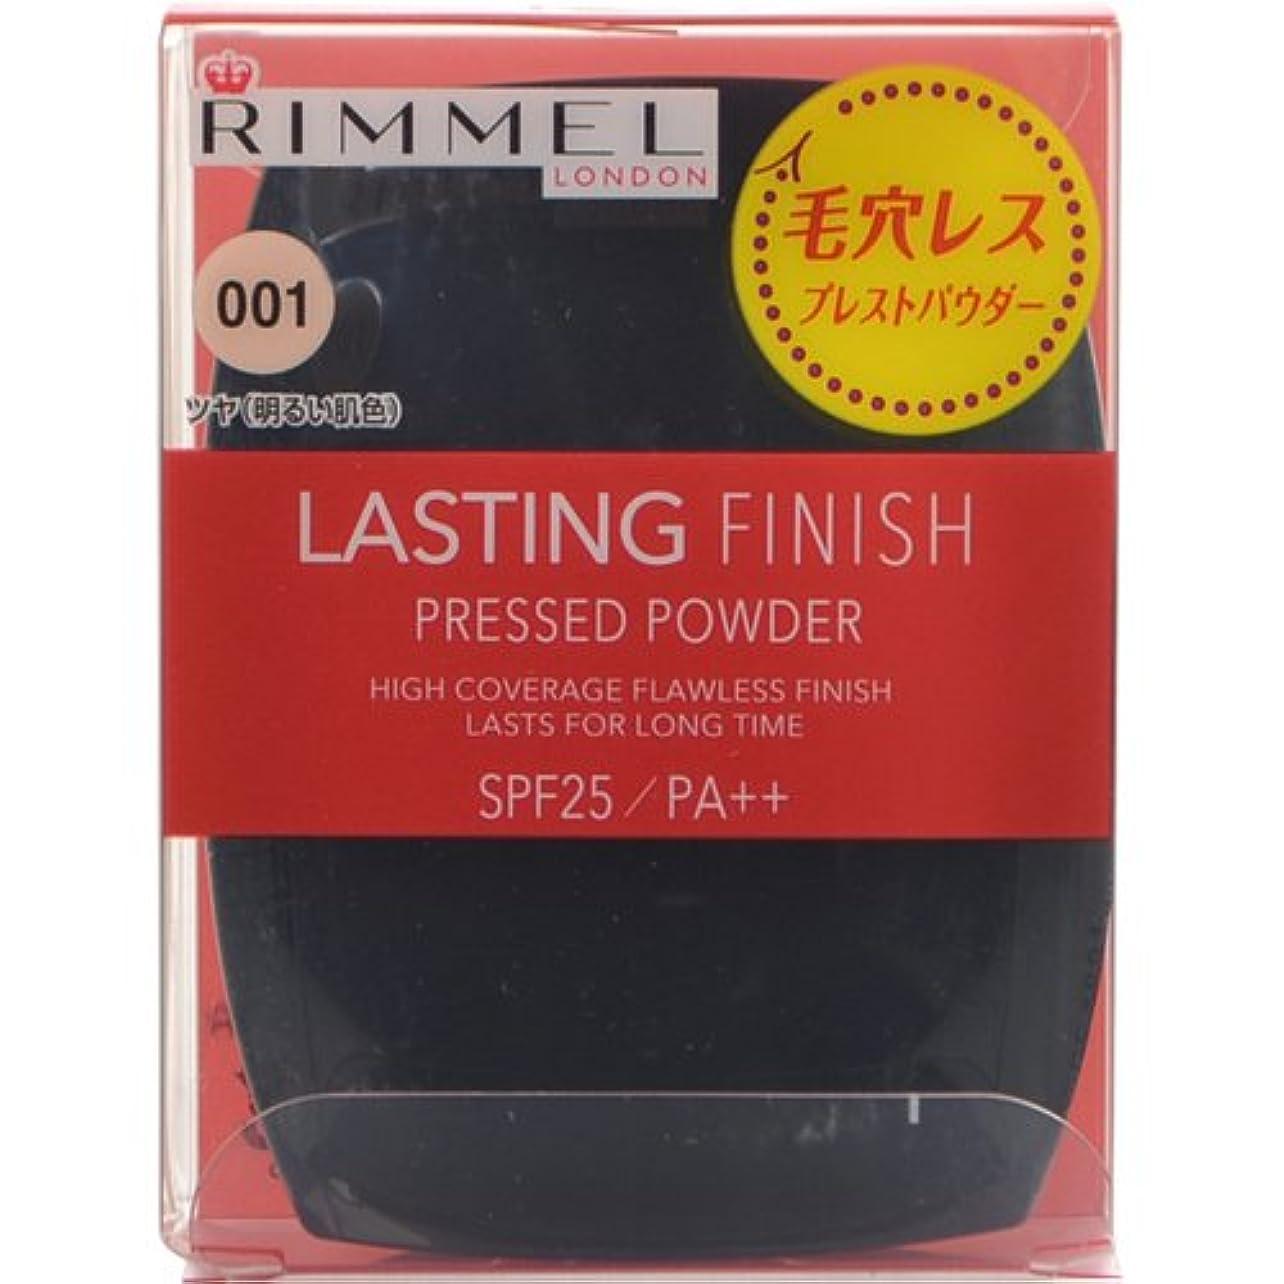 ブース代理店卵リンメル ラスティングプレストパウダー001 明るい肌色ツヤ肌 7g SPF25?PA++